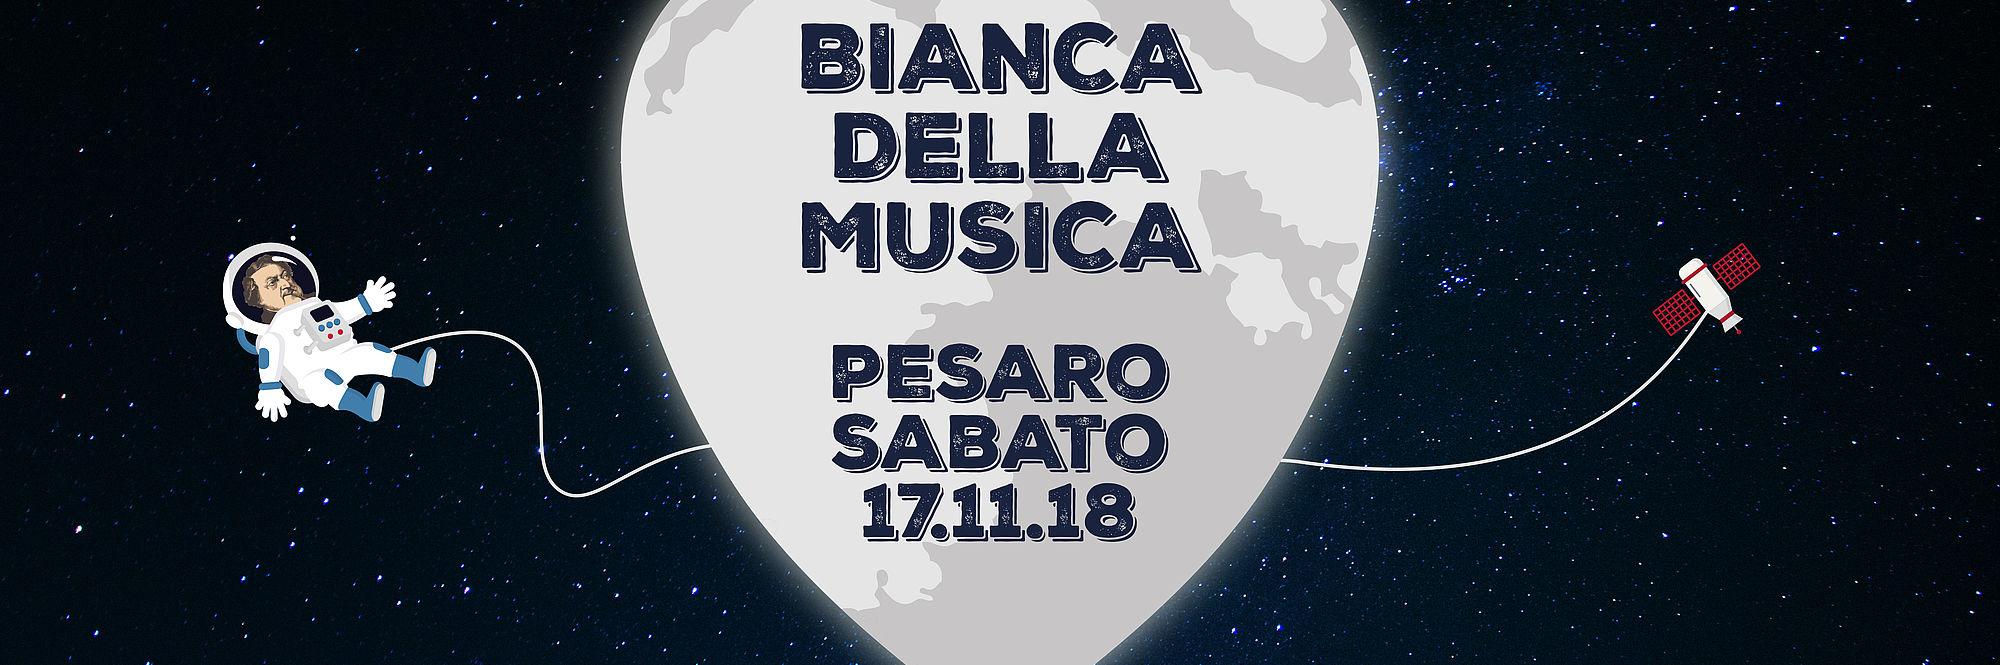 Notte bianca della musica_locandina